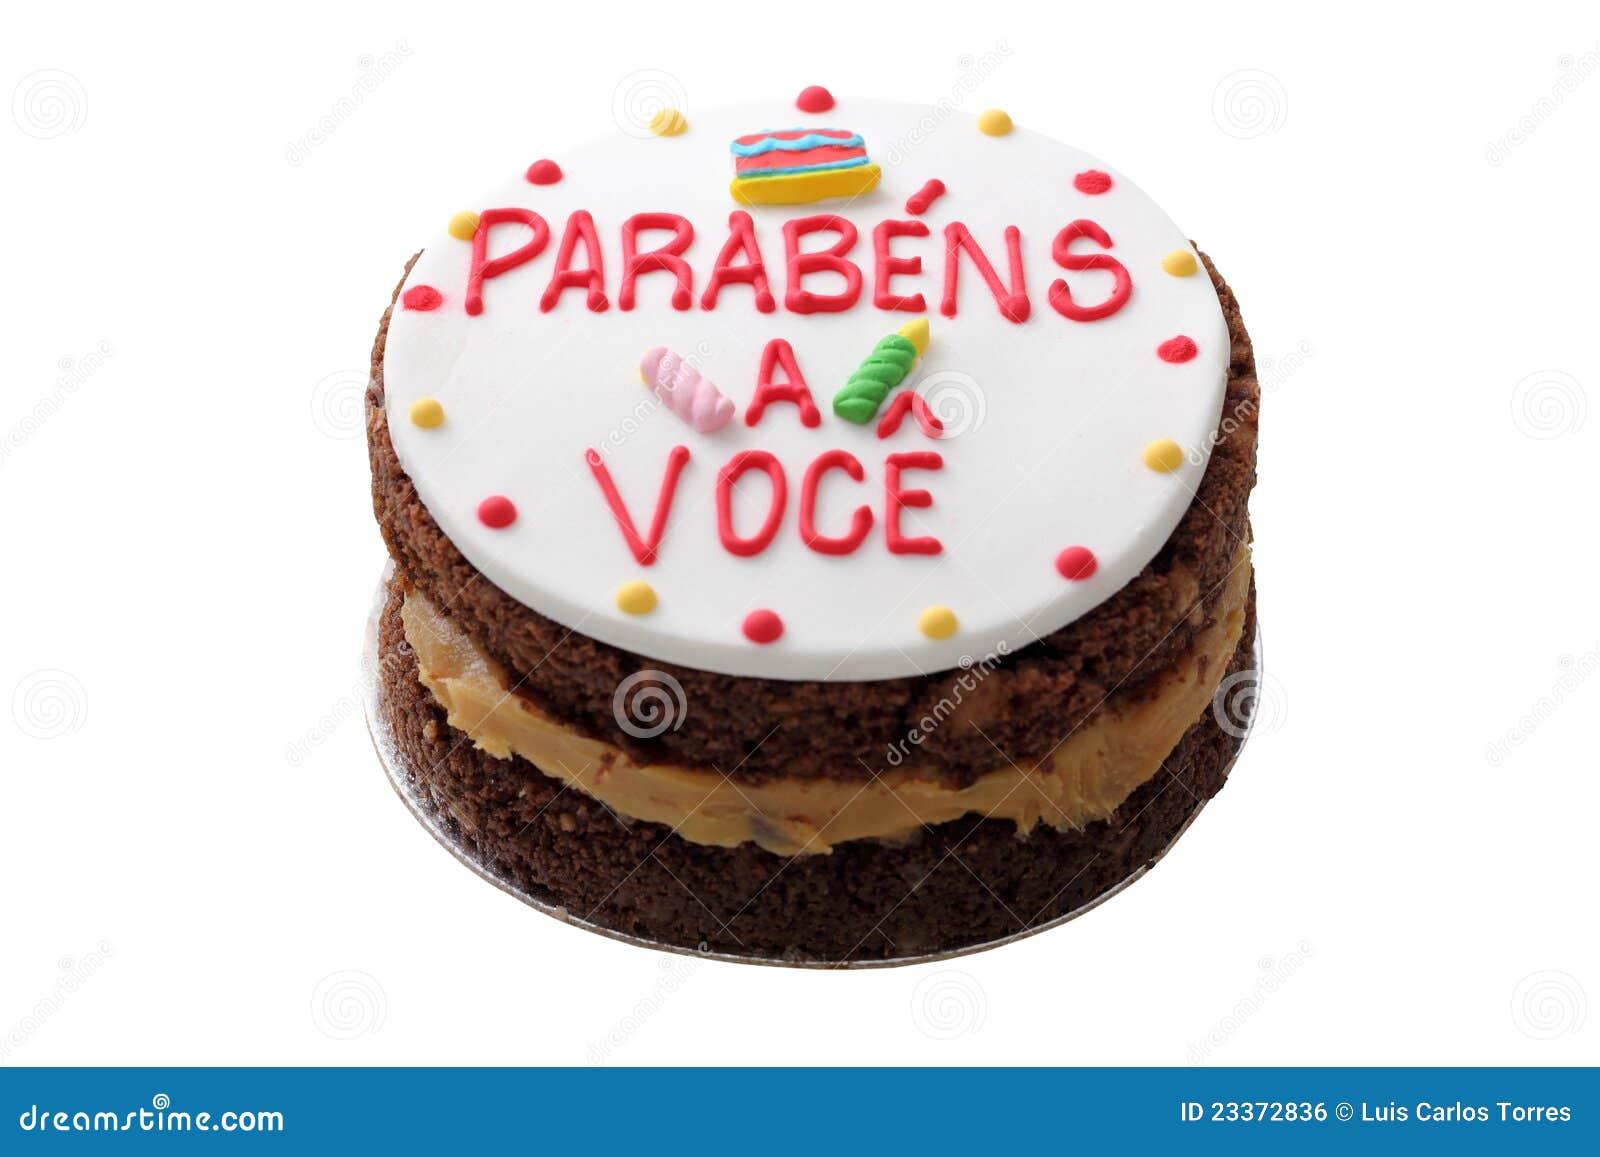 Бразильское поздравление с днем рождения